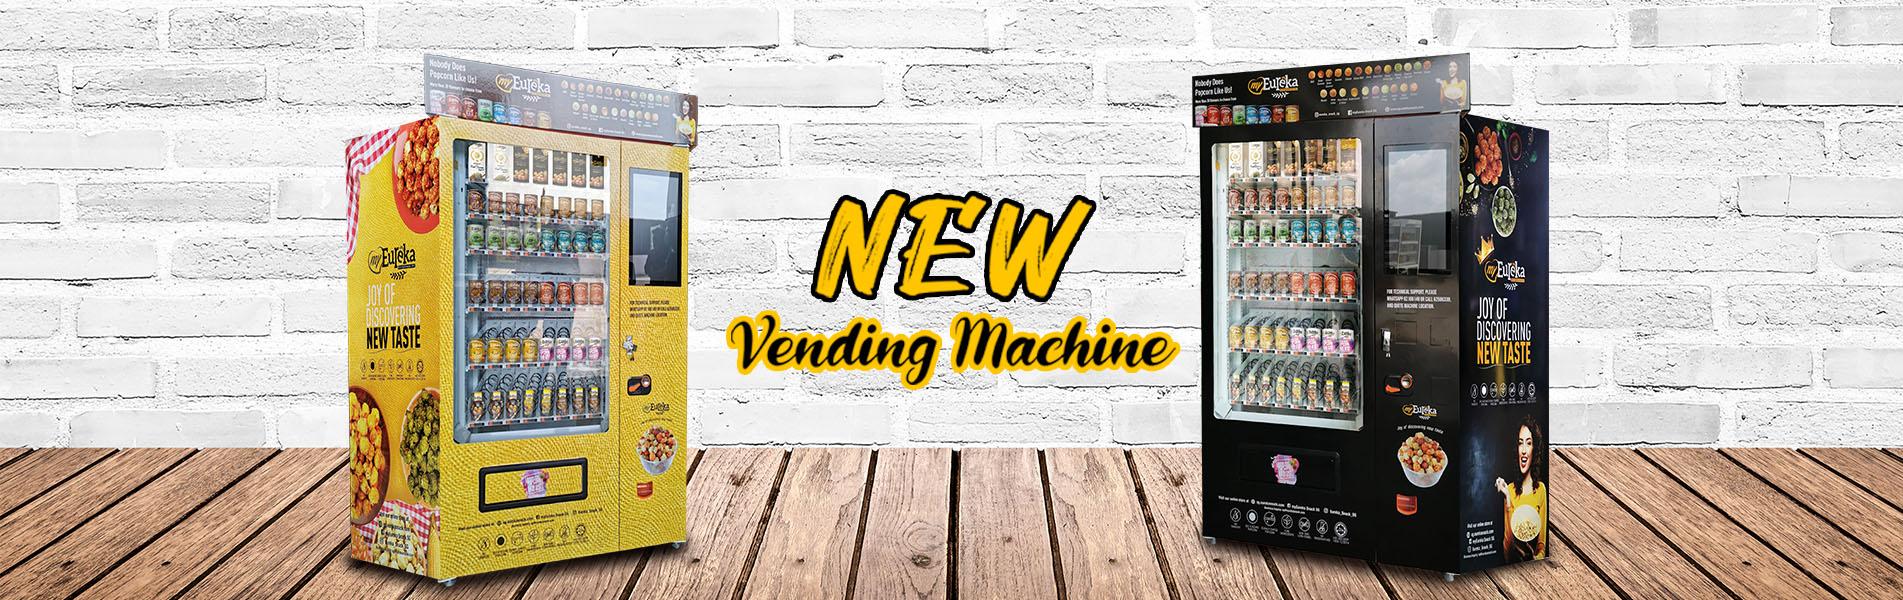 website banner-vendingmachine